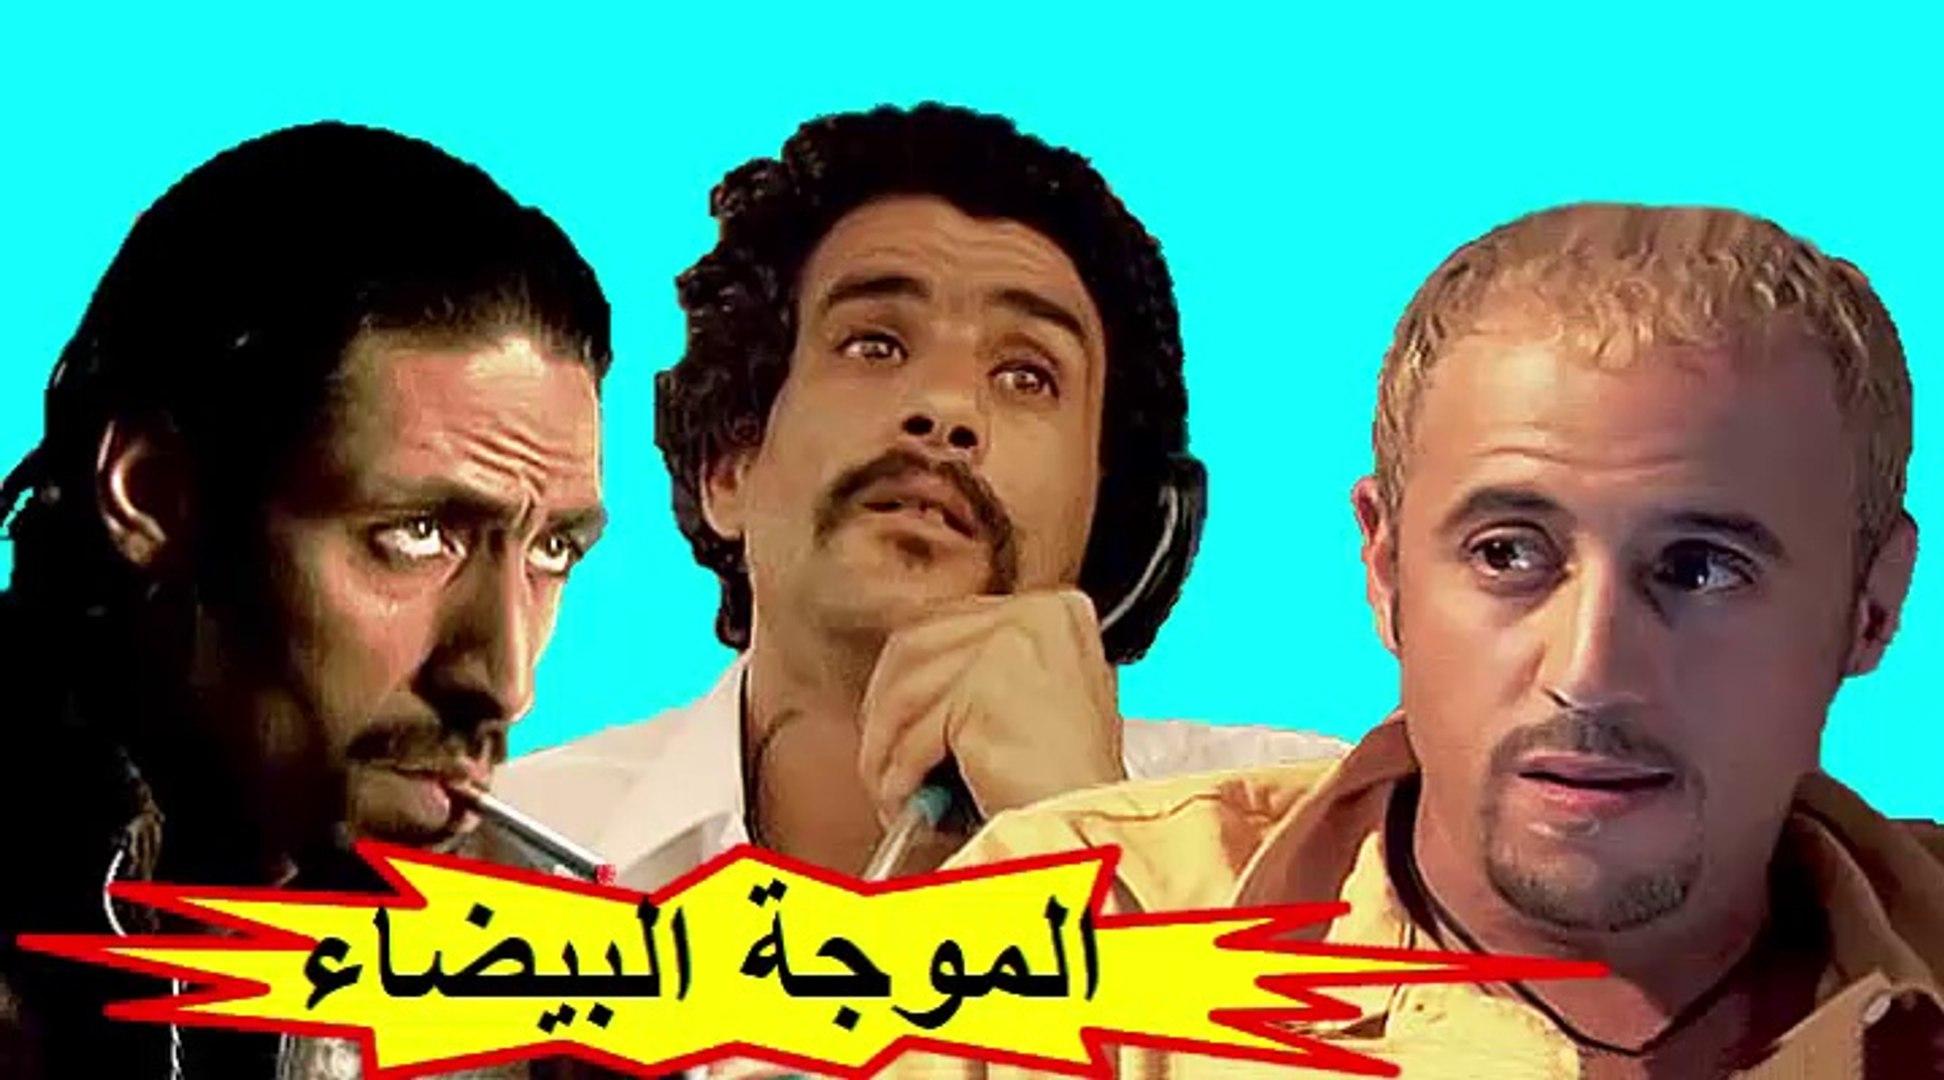 فيلم الأكشن المغربي